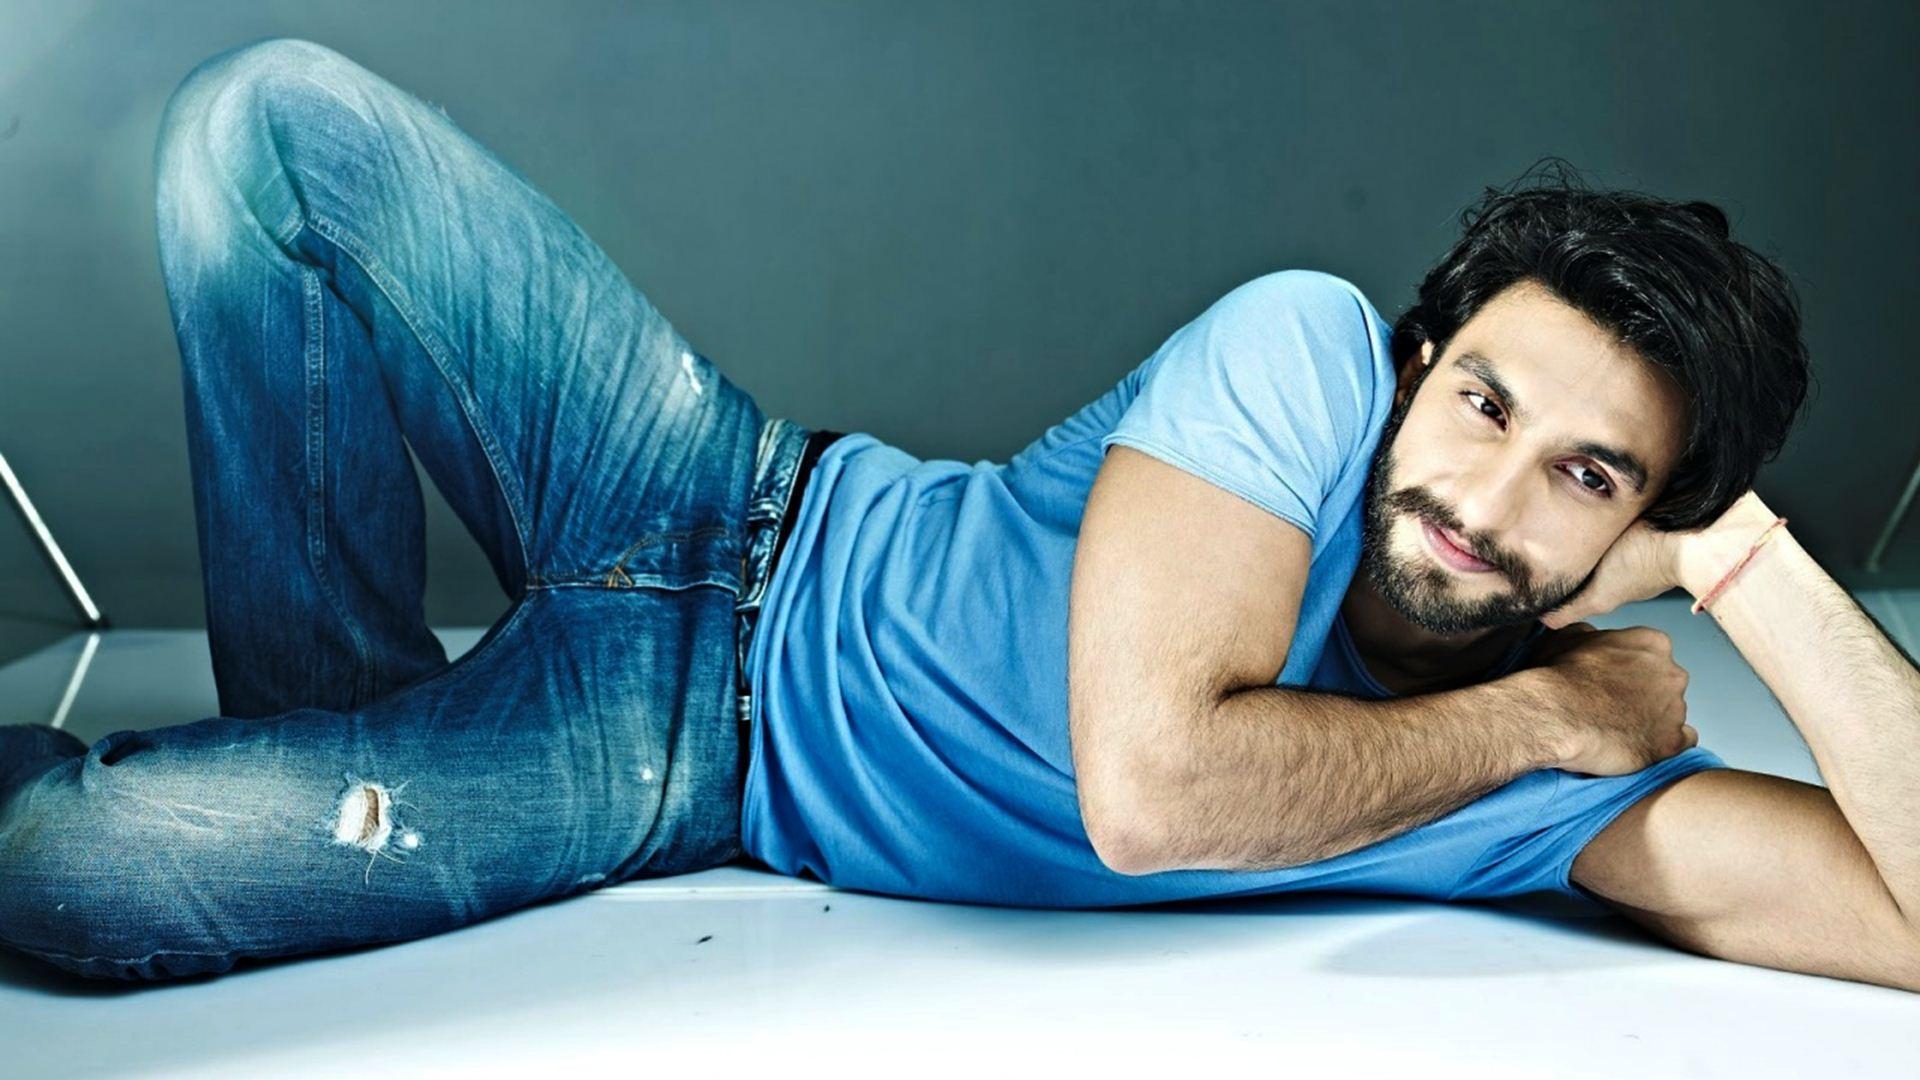 Download Ranveer Singh Images - Photo , Wallpapers 11